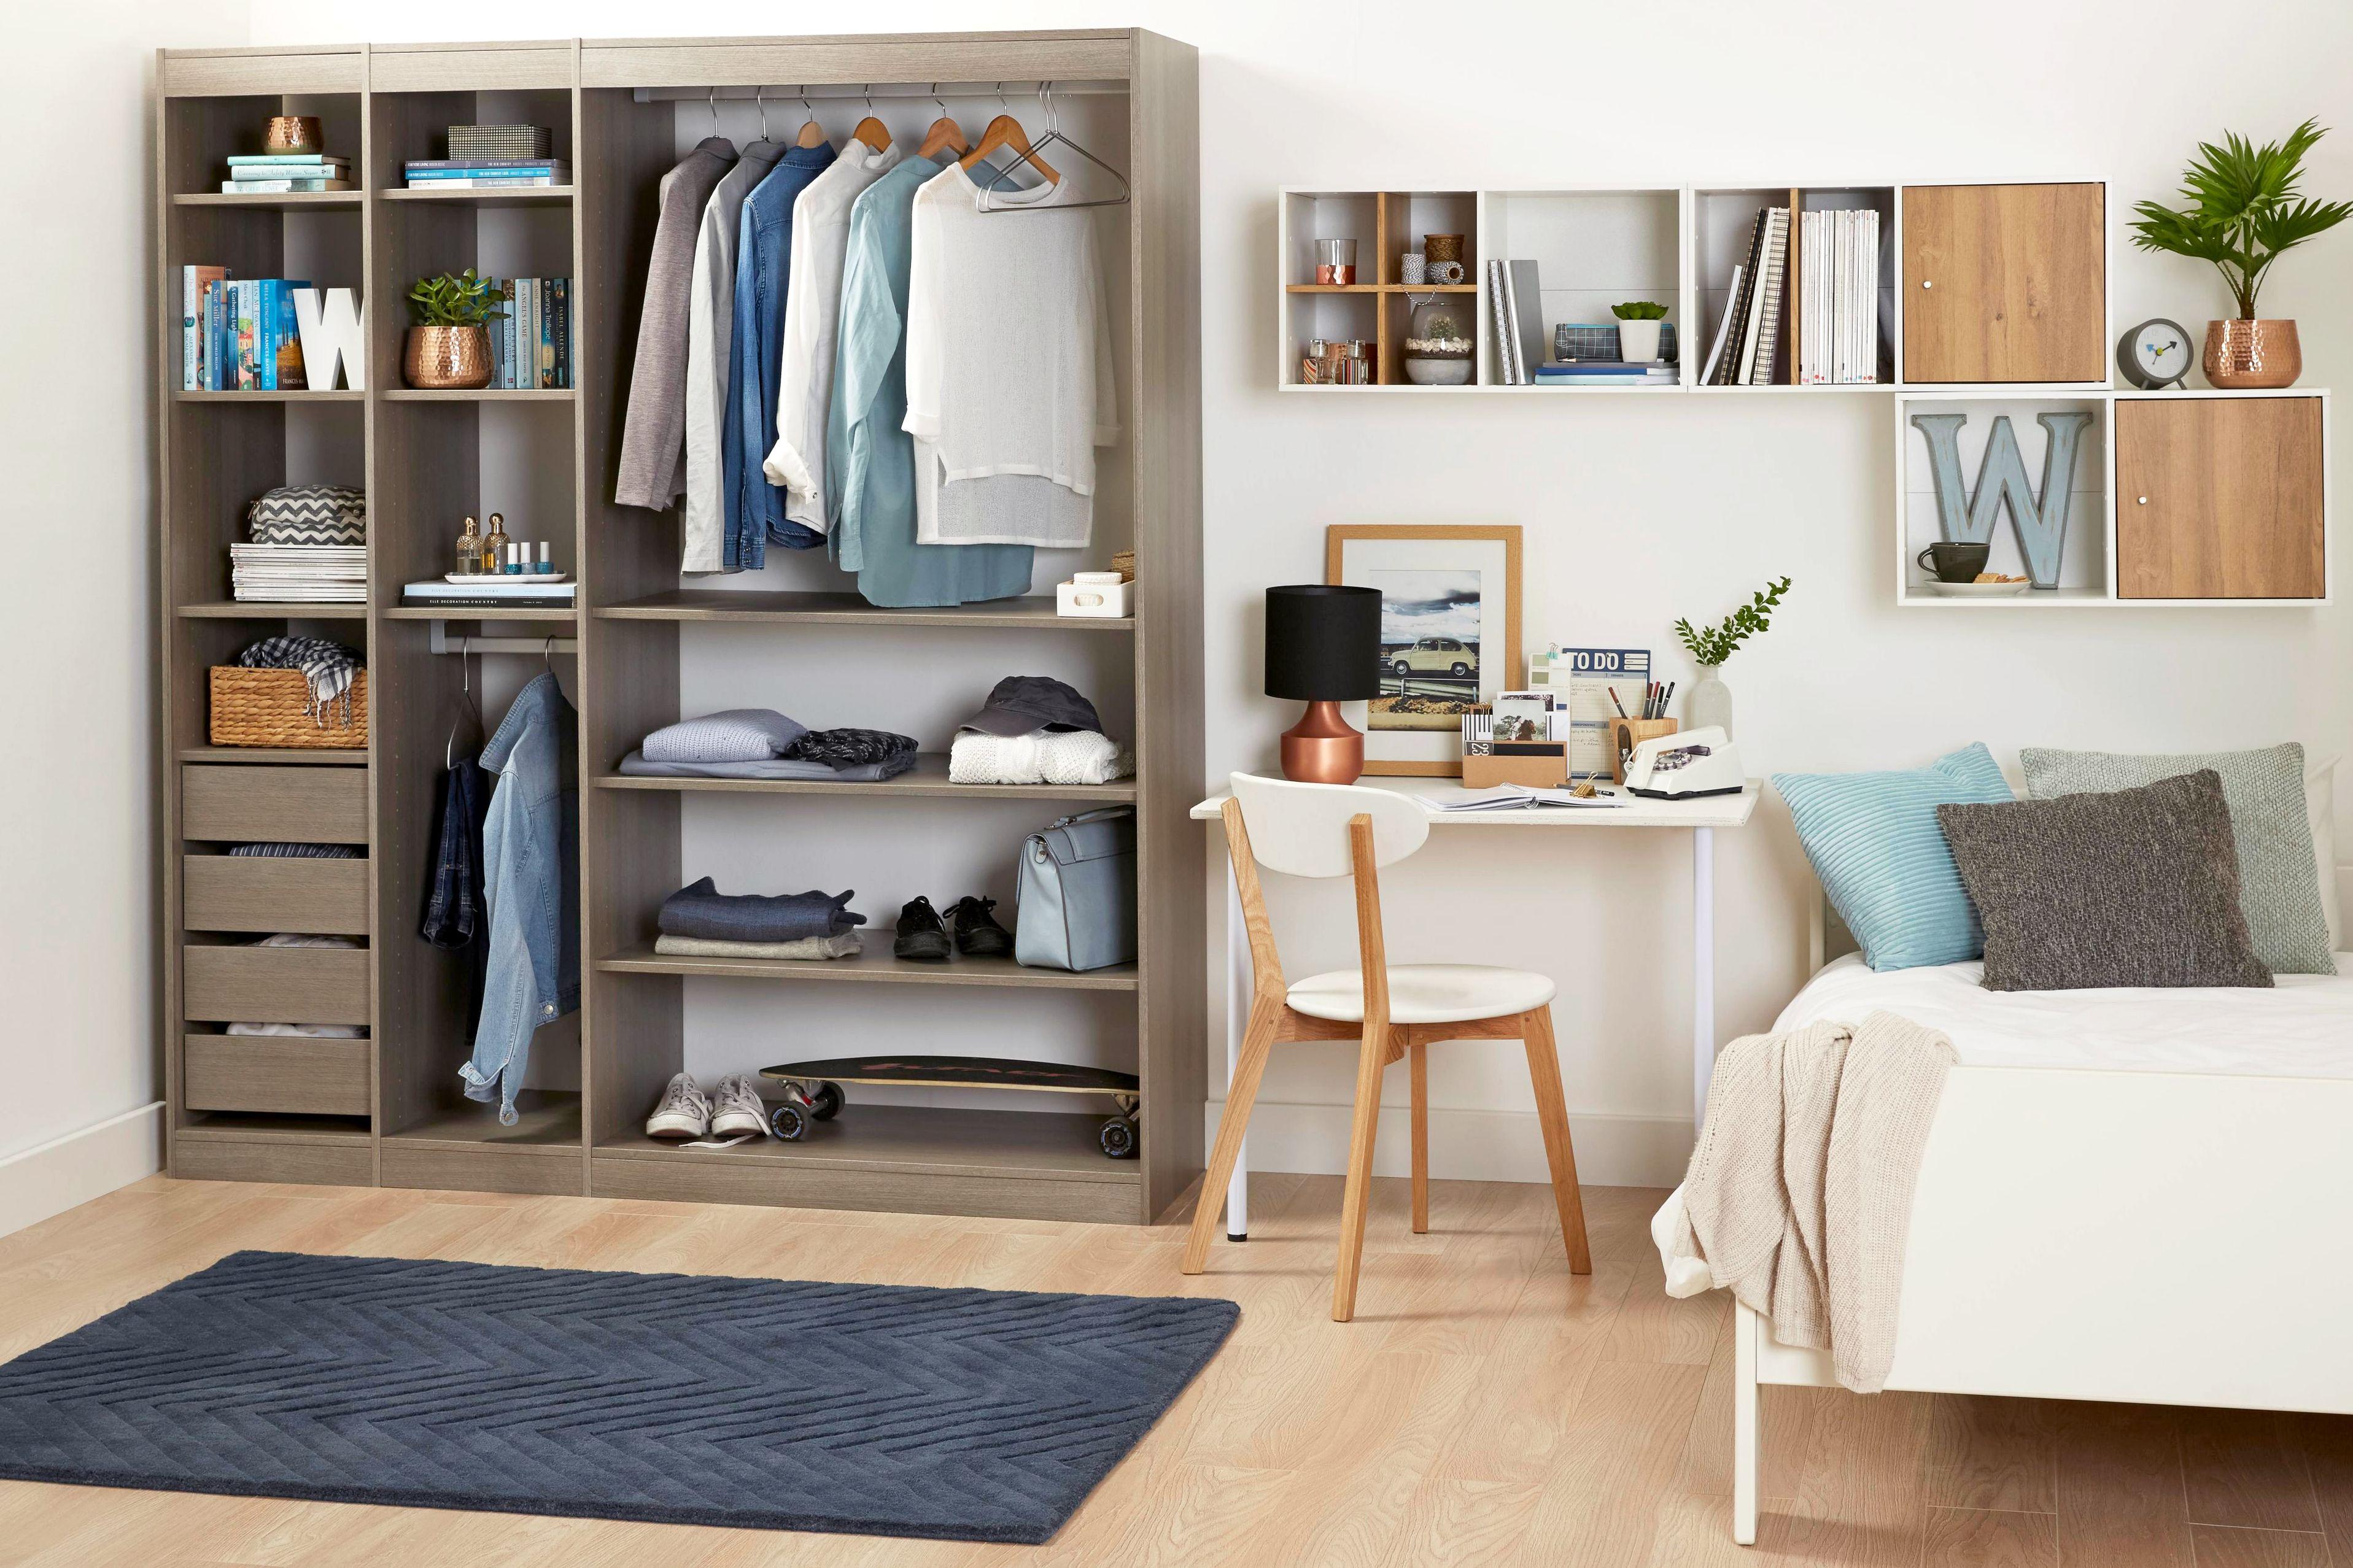 home storage | storage solutions